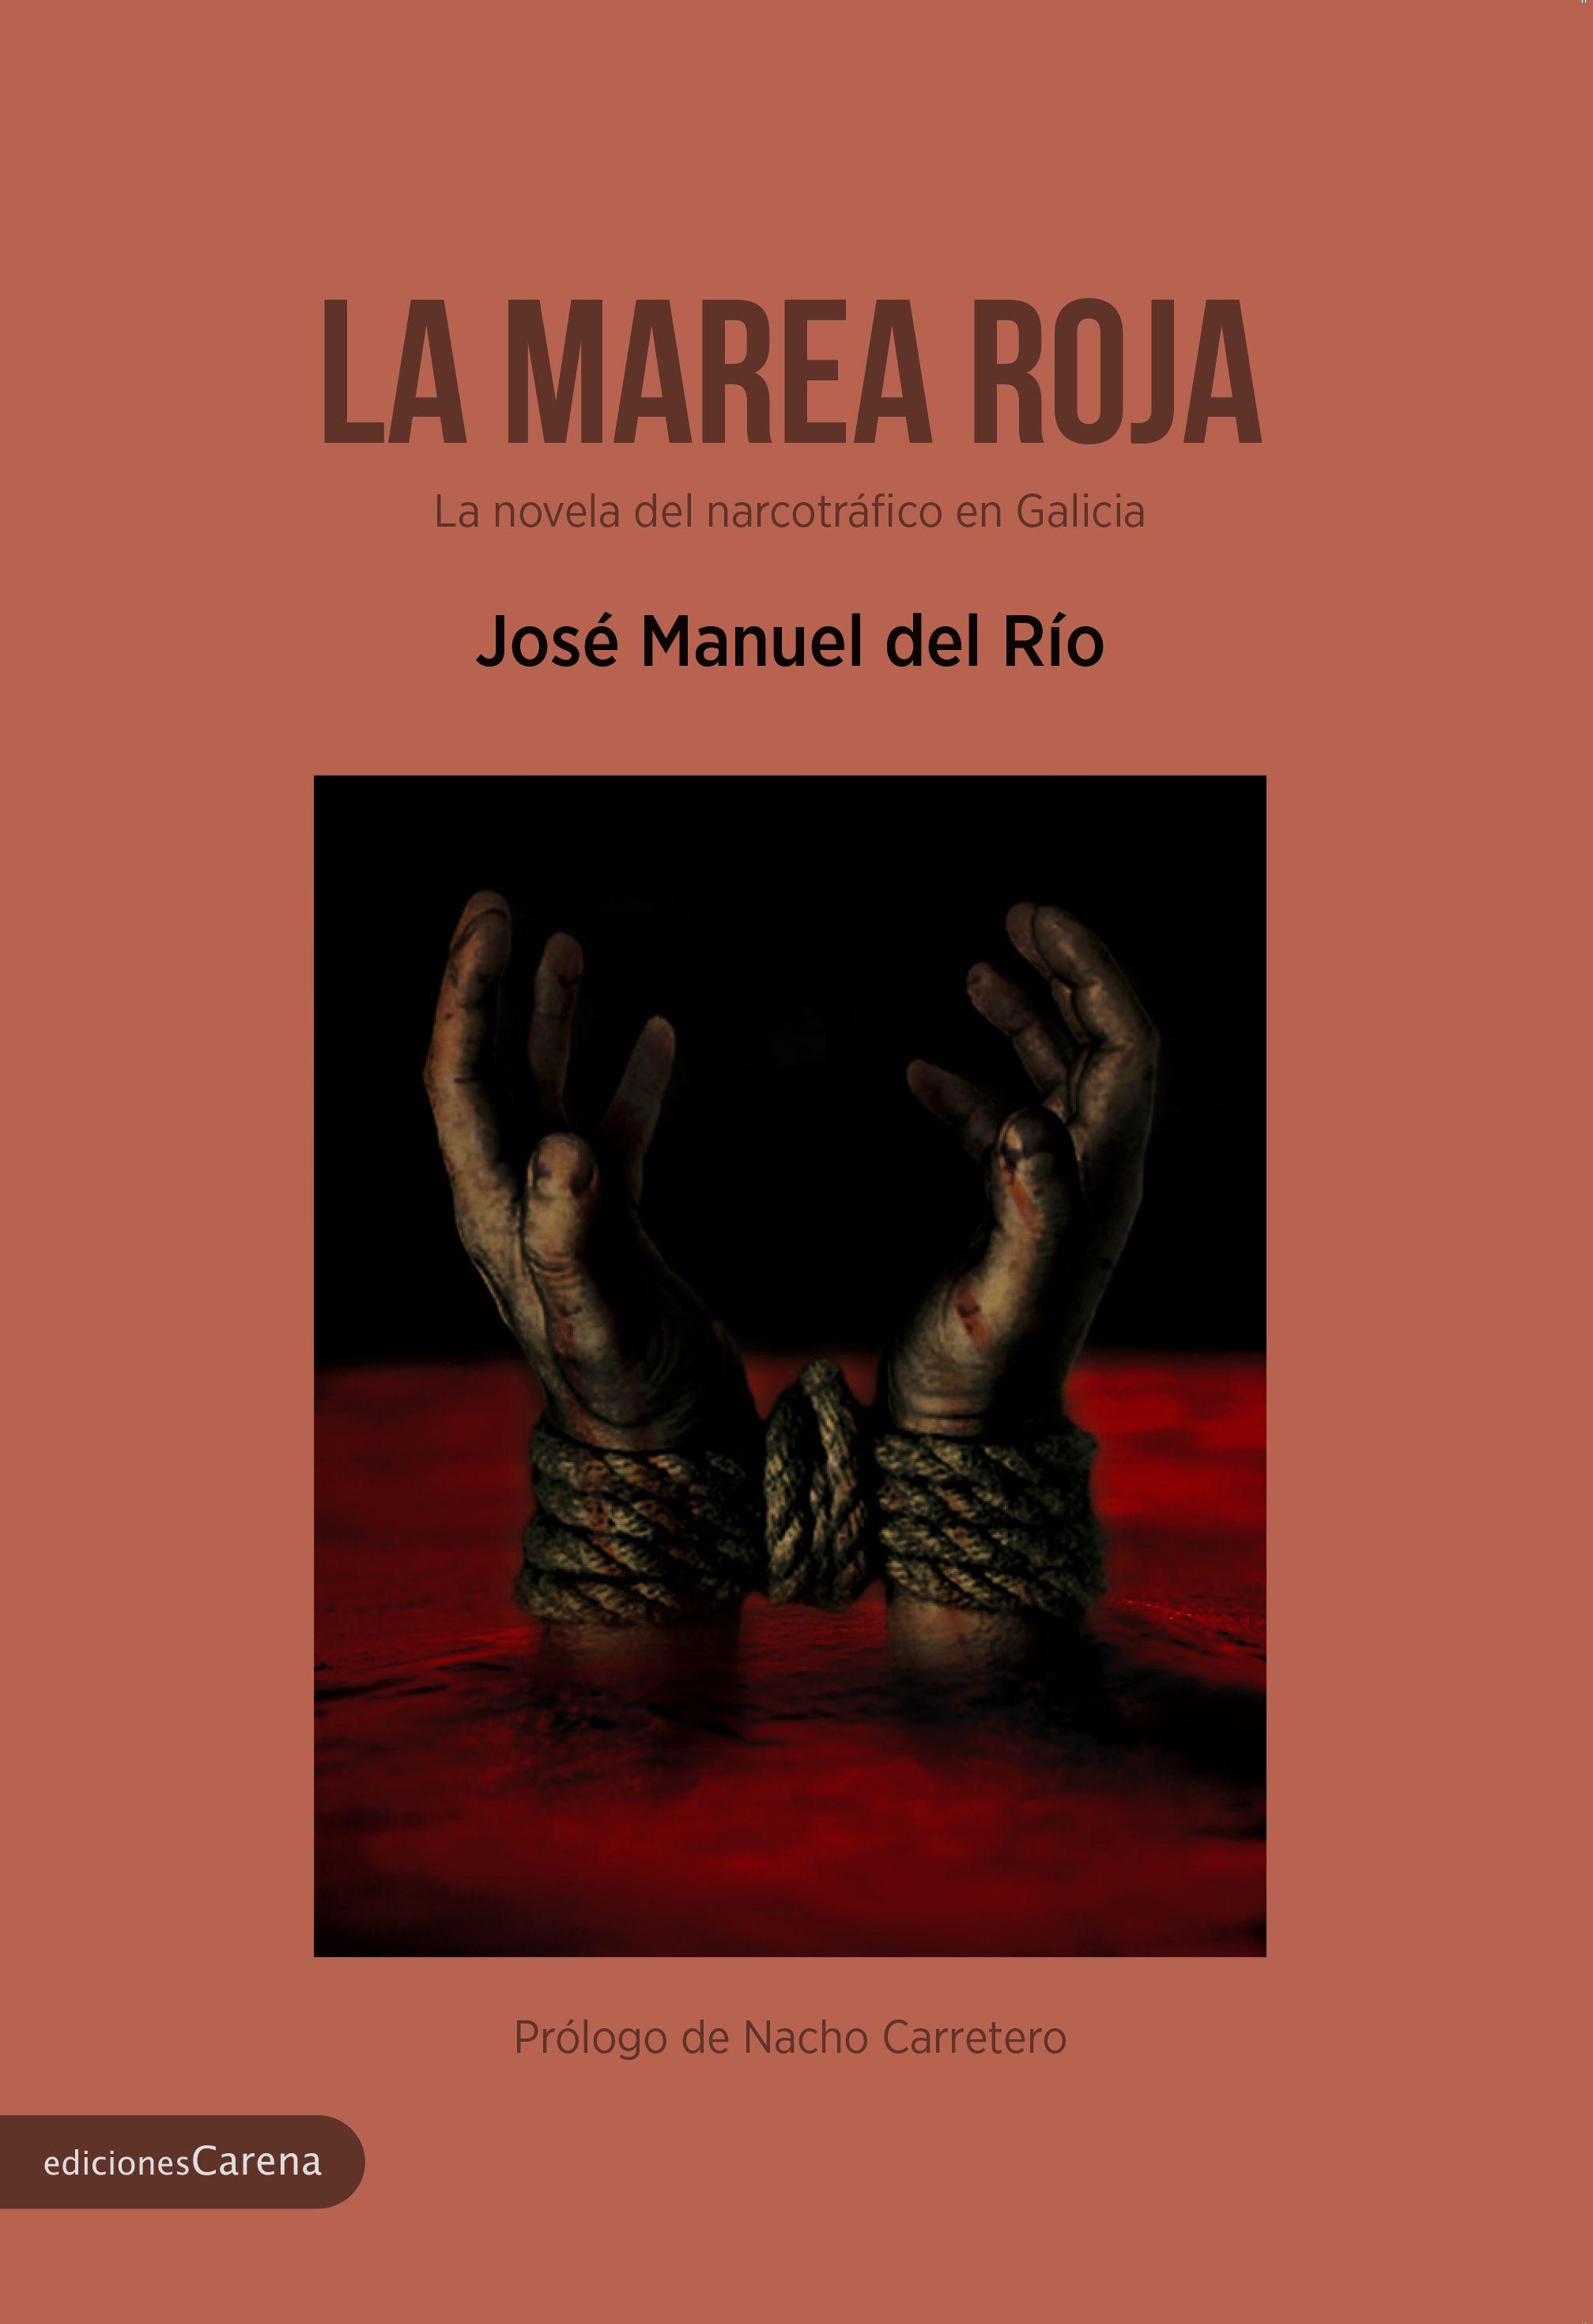 Foto de 'La marea roja', de José Manuel del Río. Ediciones Carena